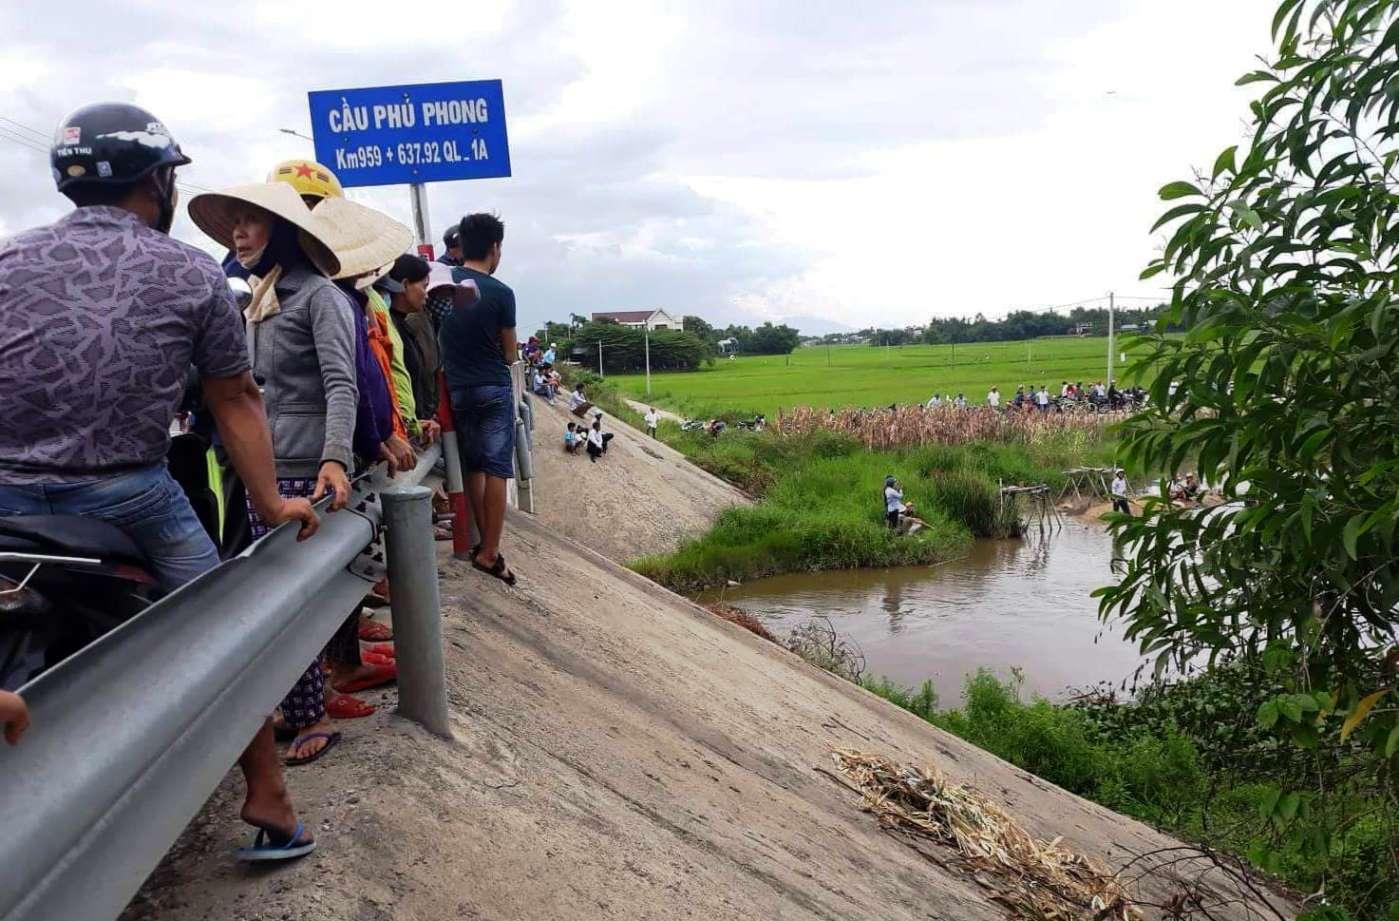 Quảng Nam: Bé trai 2 tuổi mất tích bí ẩn ở nhà ông ngoại